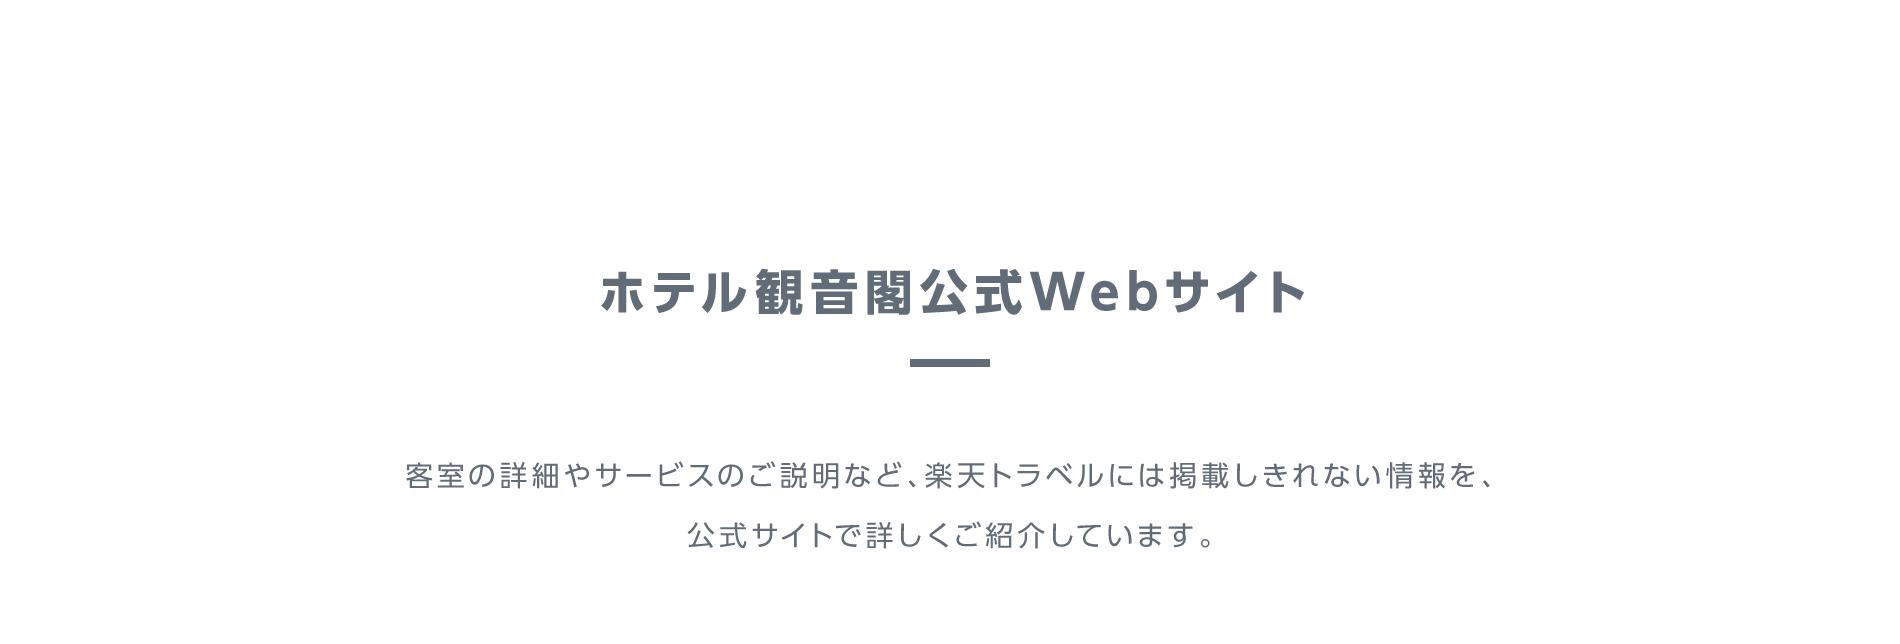 ホテル観音閣公式サイト